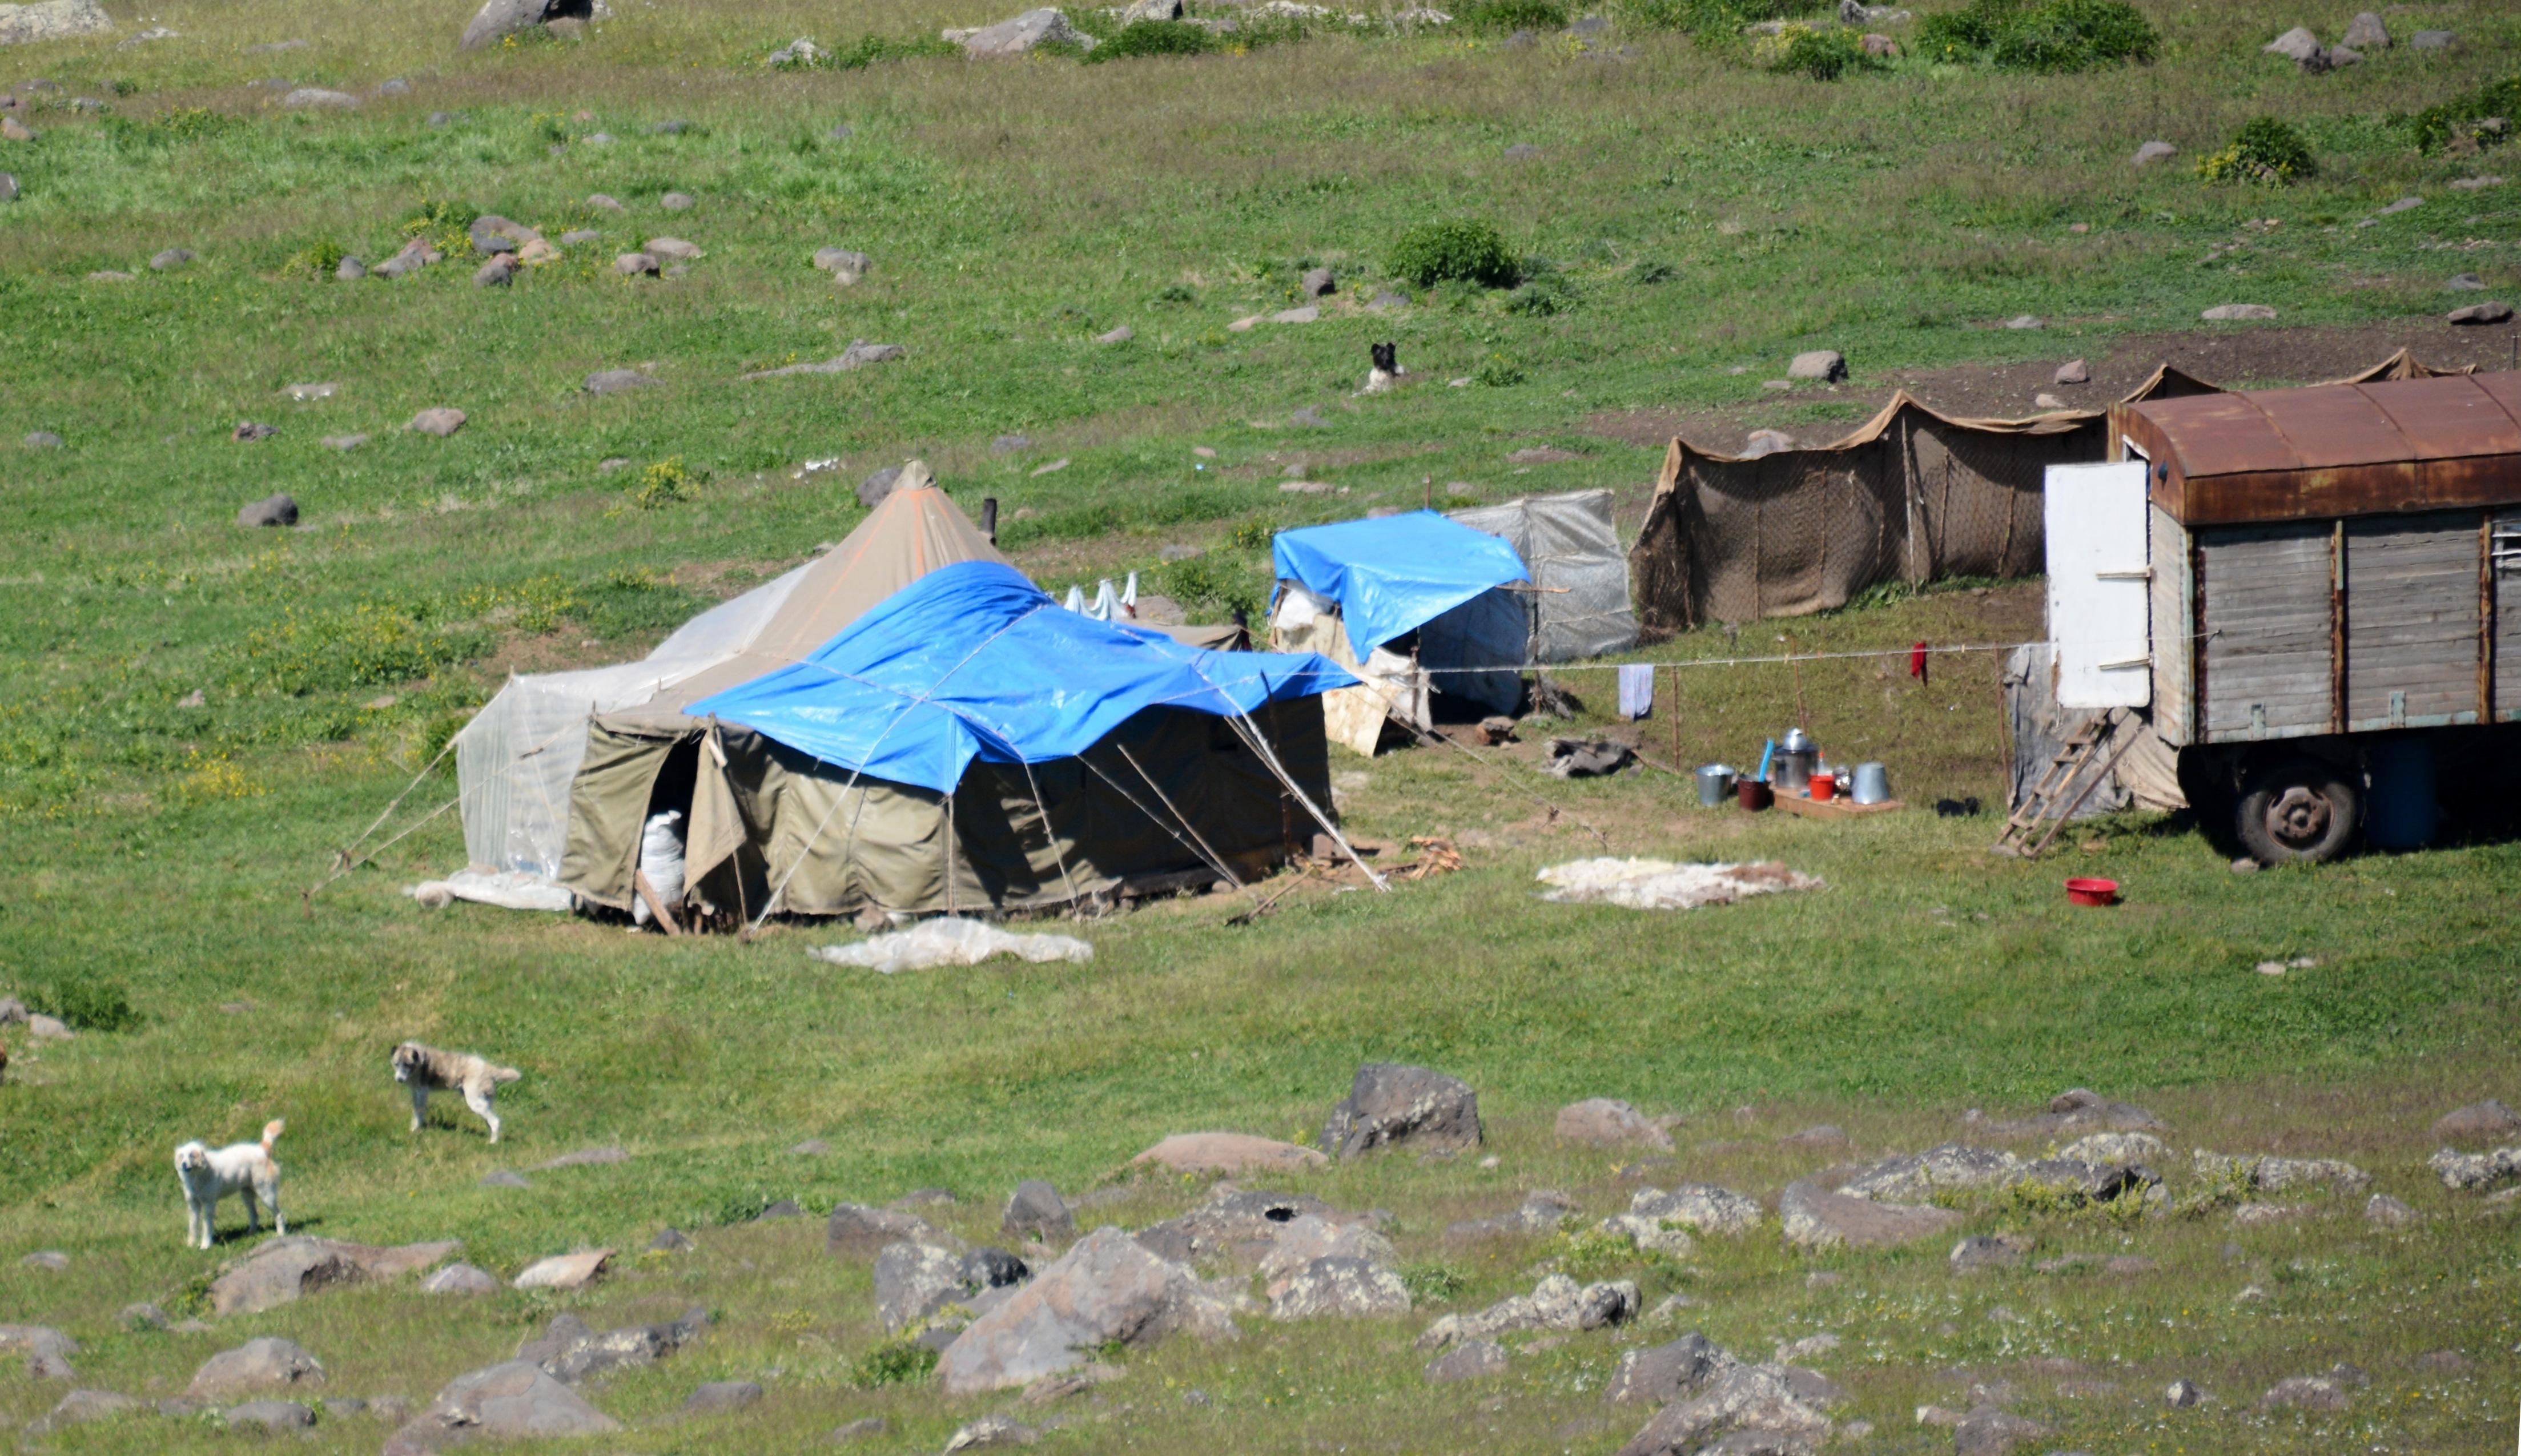 Yezidikamp op de Aragats, Armenië  (foto B. Wouda)